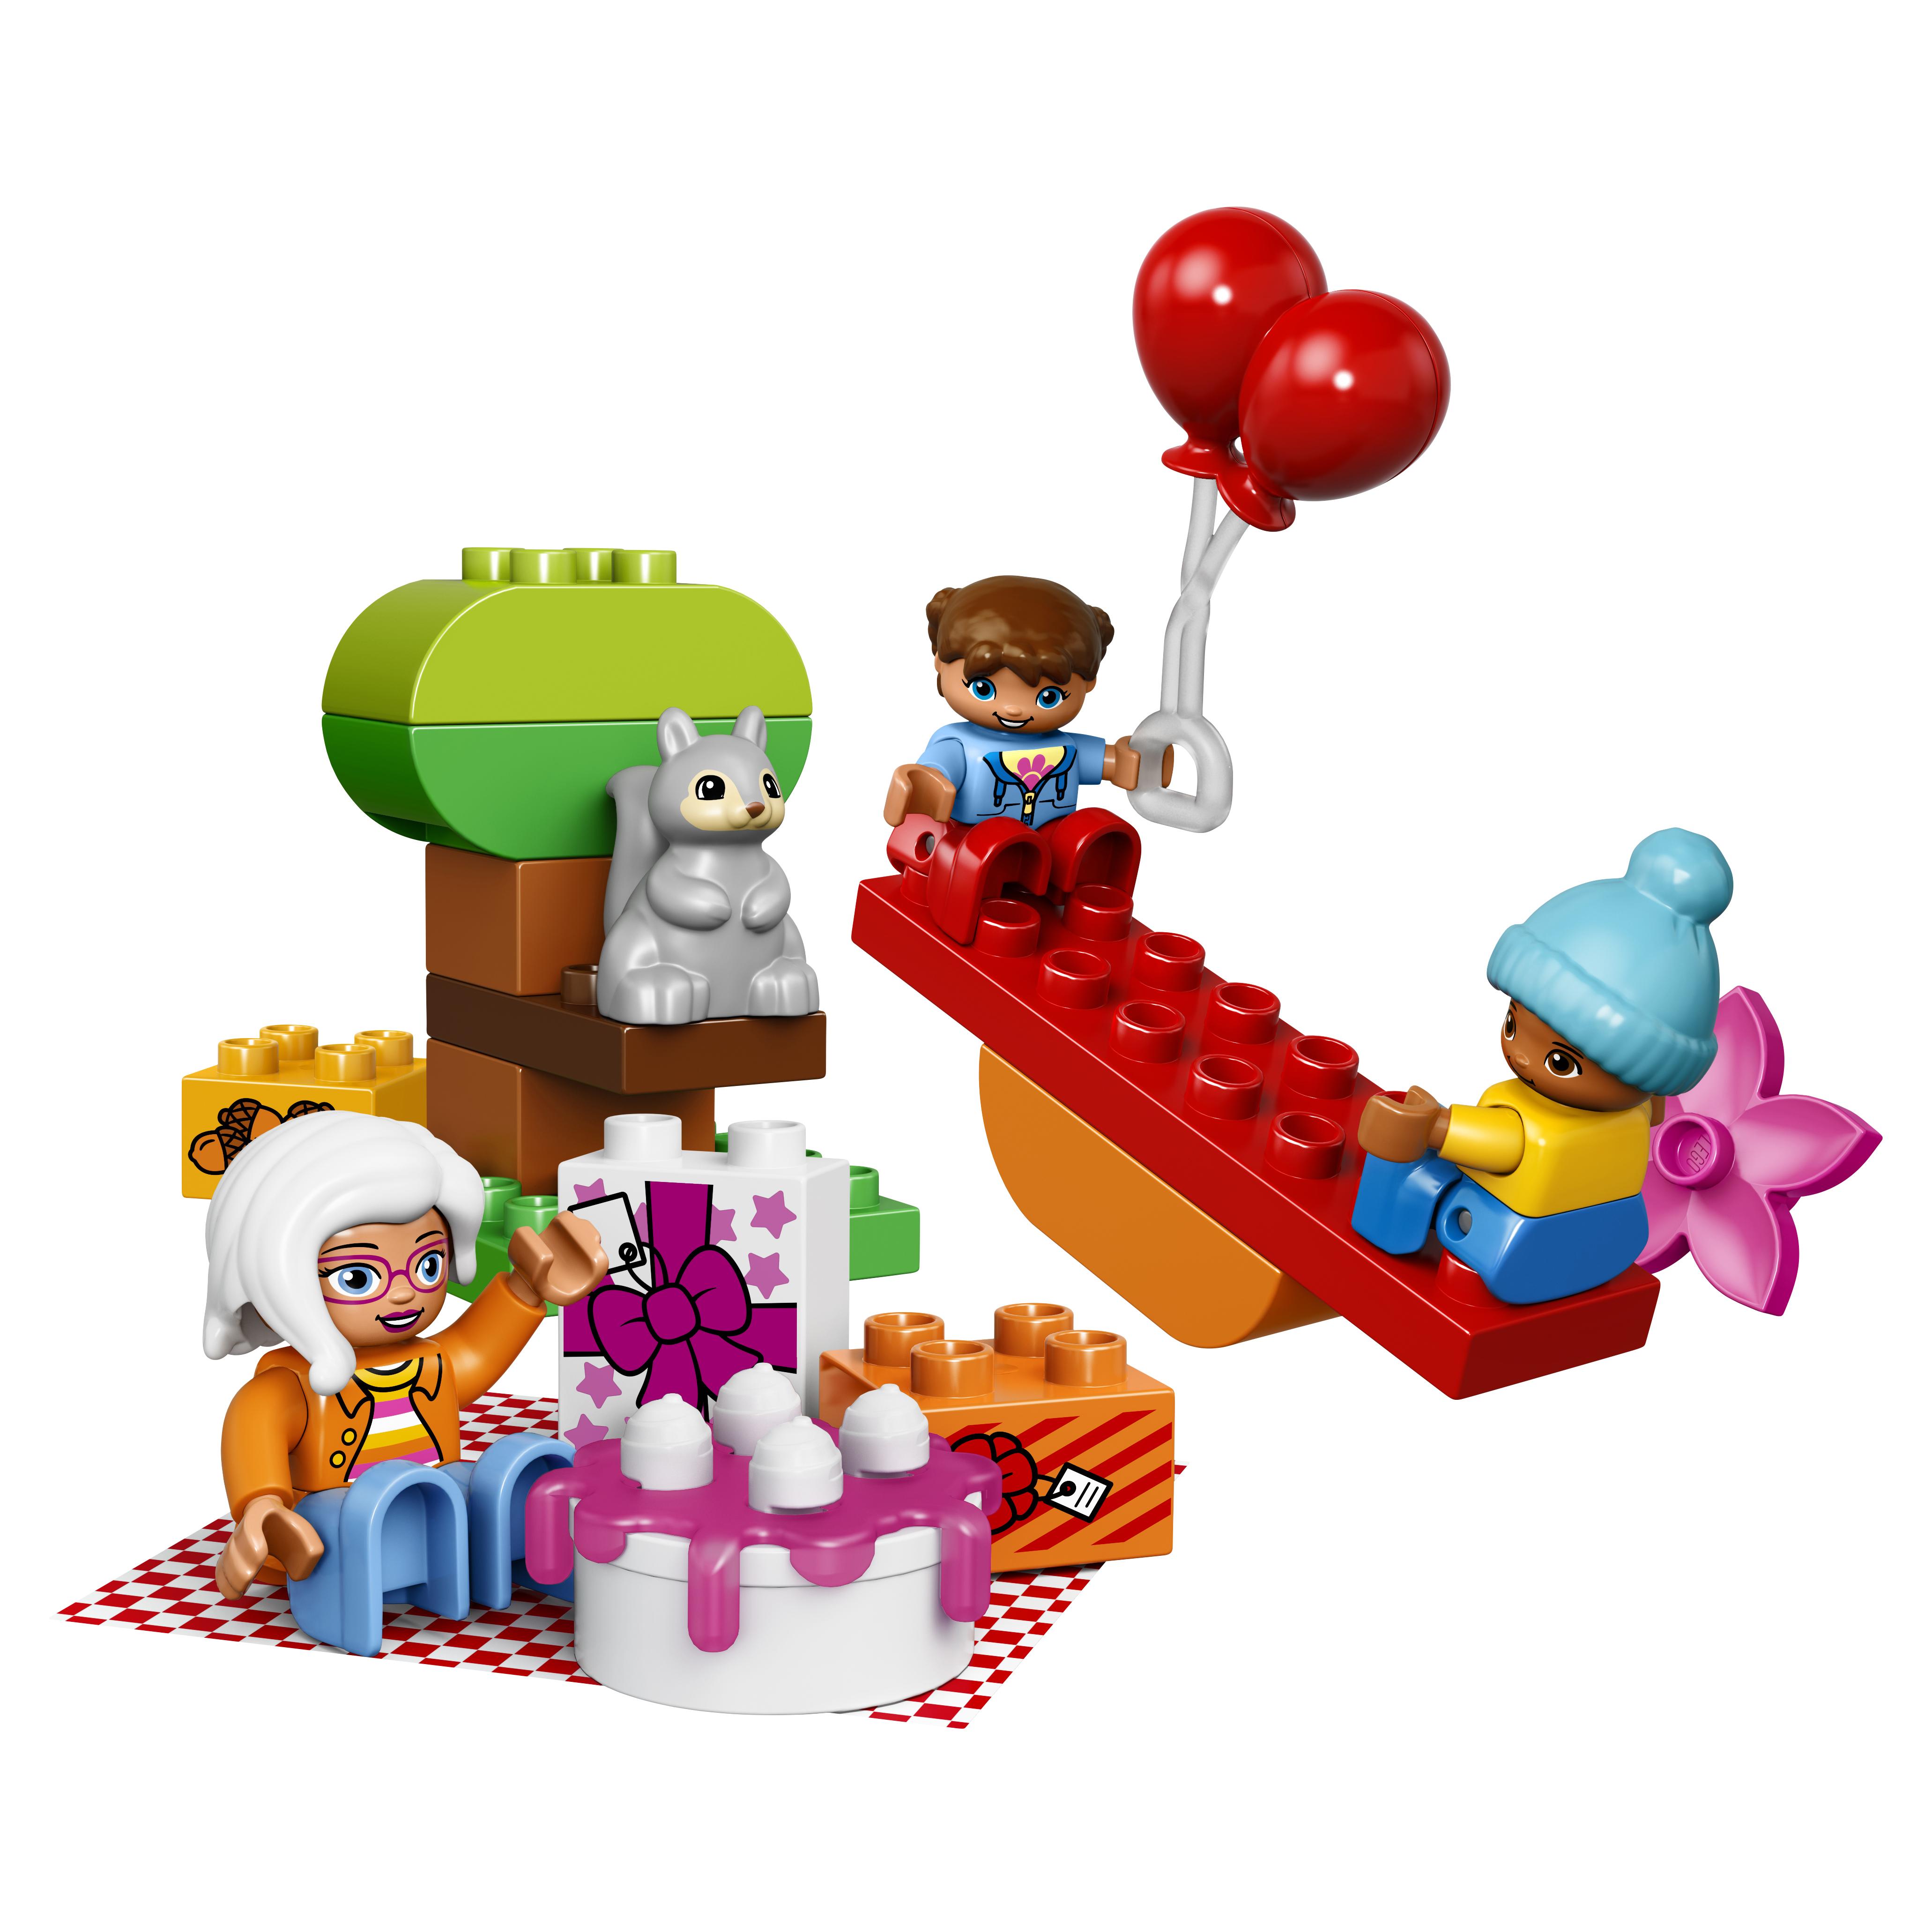 Конструктор LEGO Duplo Town День рождения (10832) фото